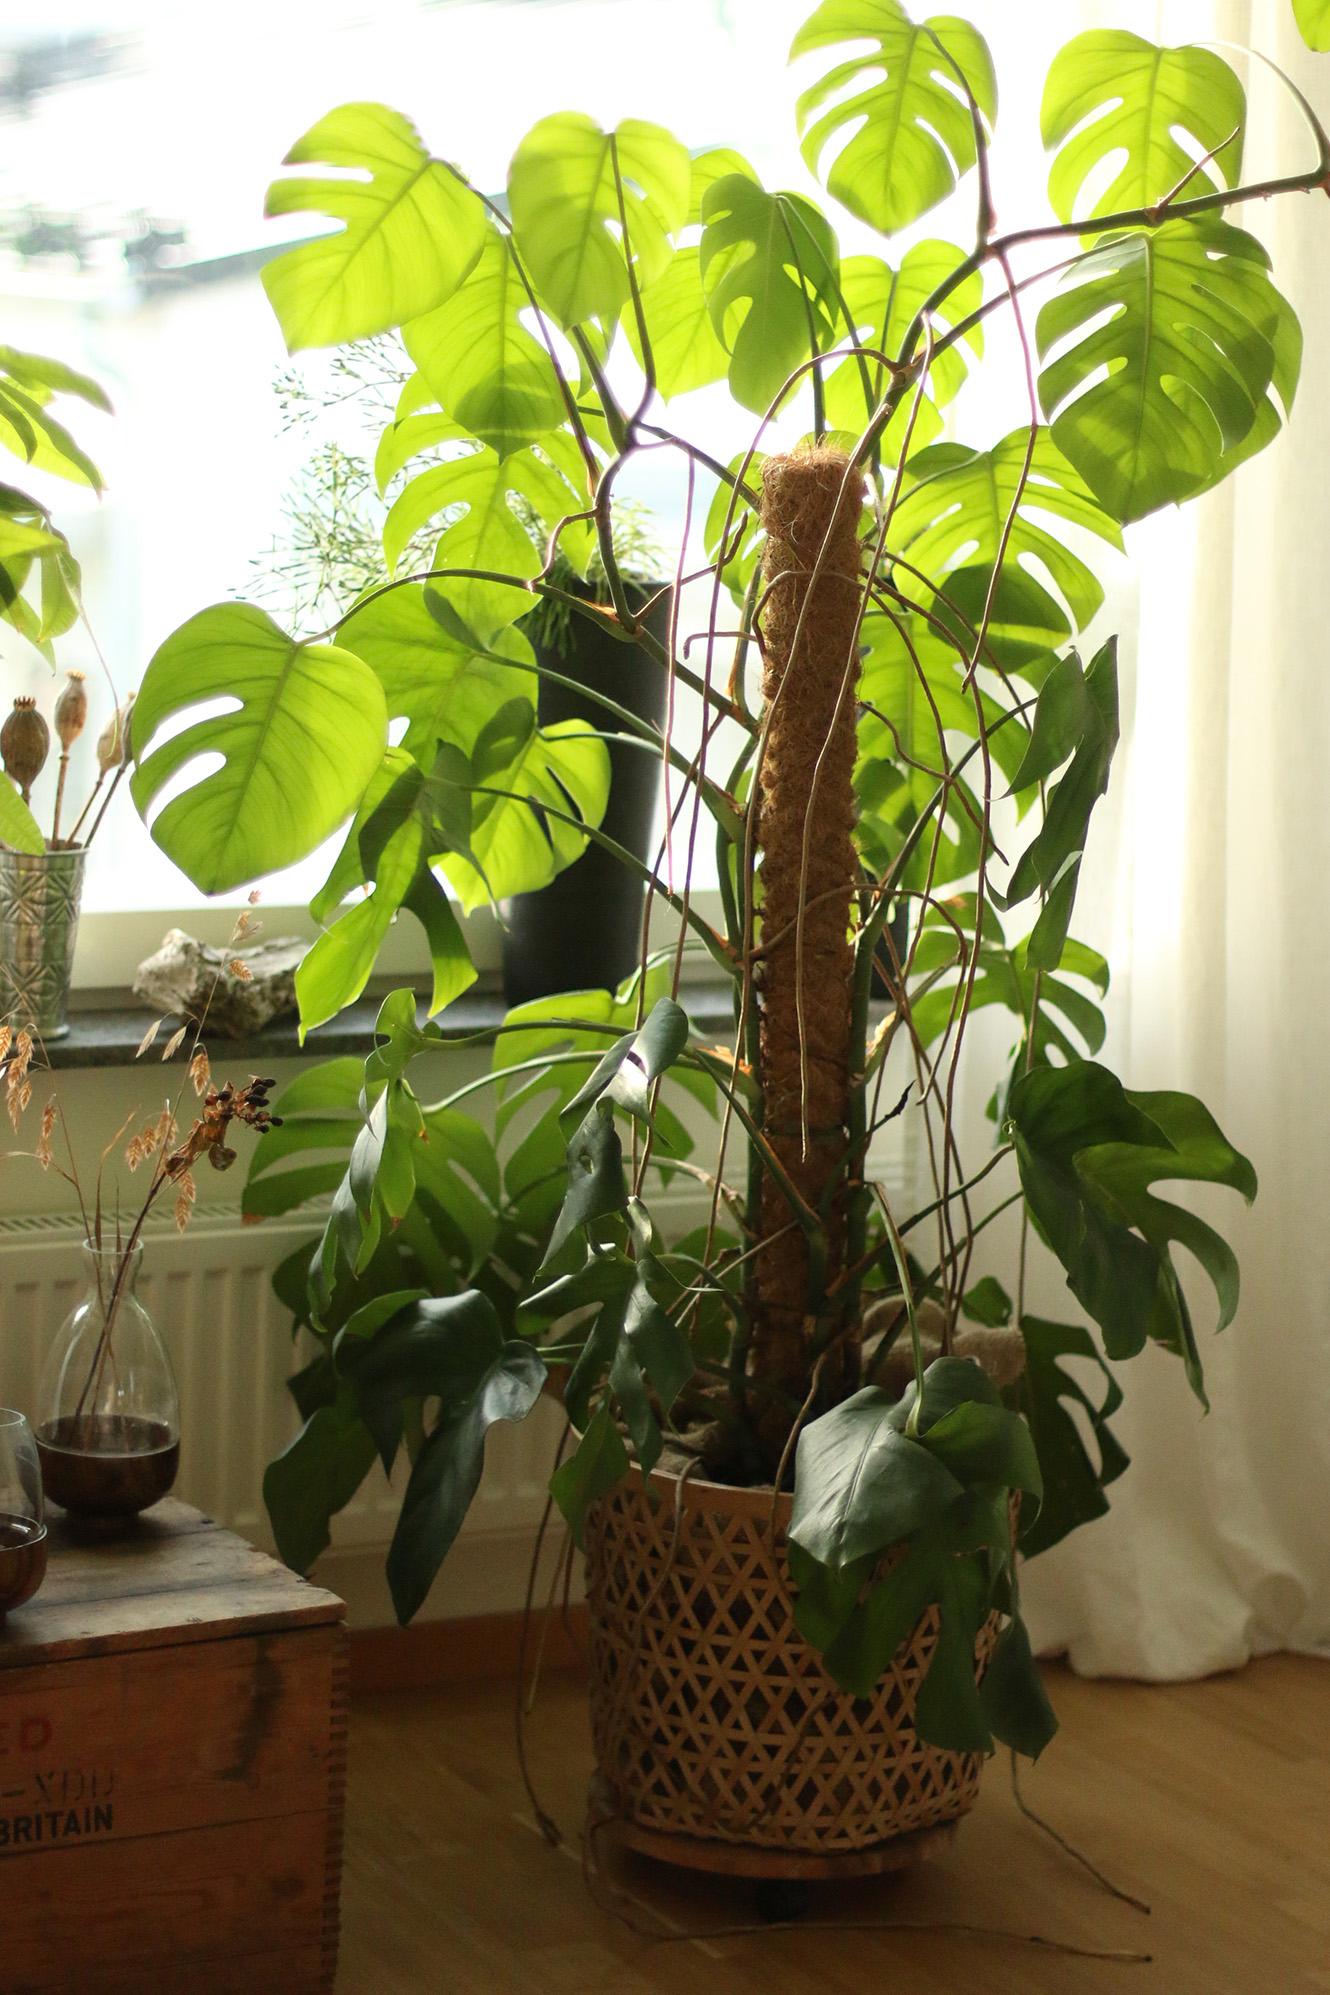 Gillar gröna växter